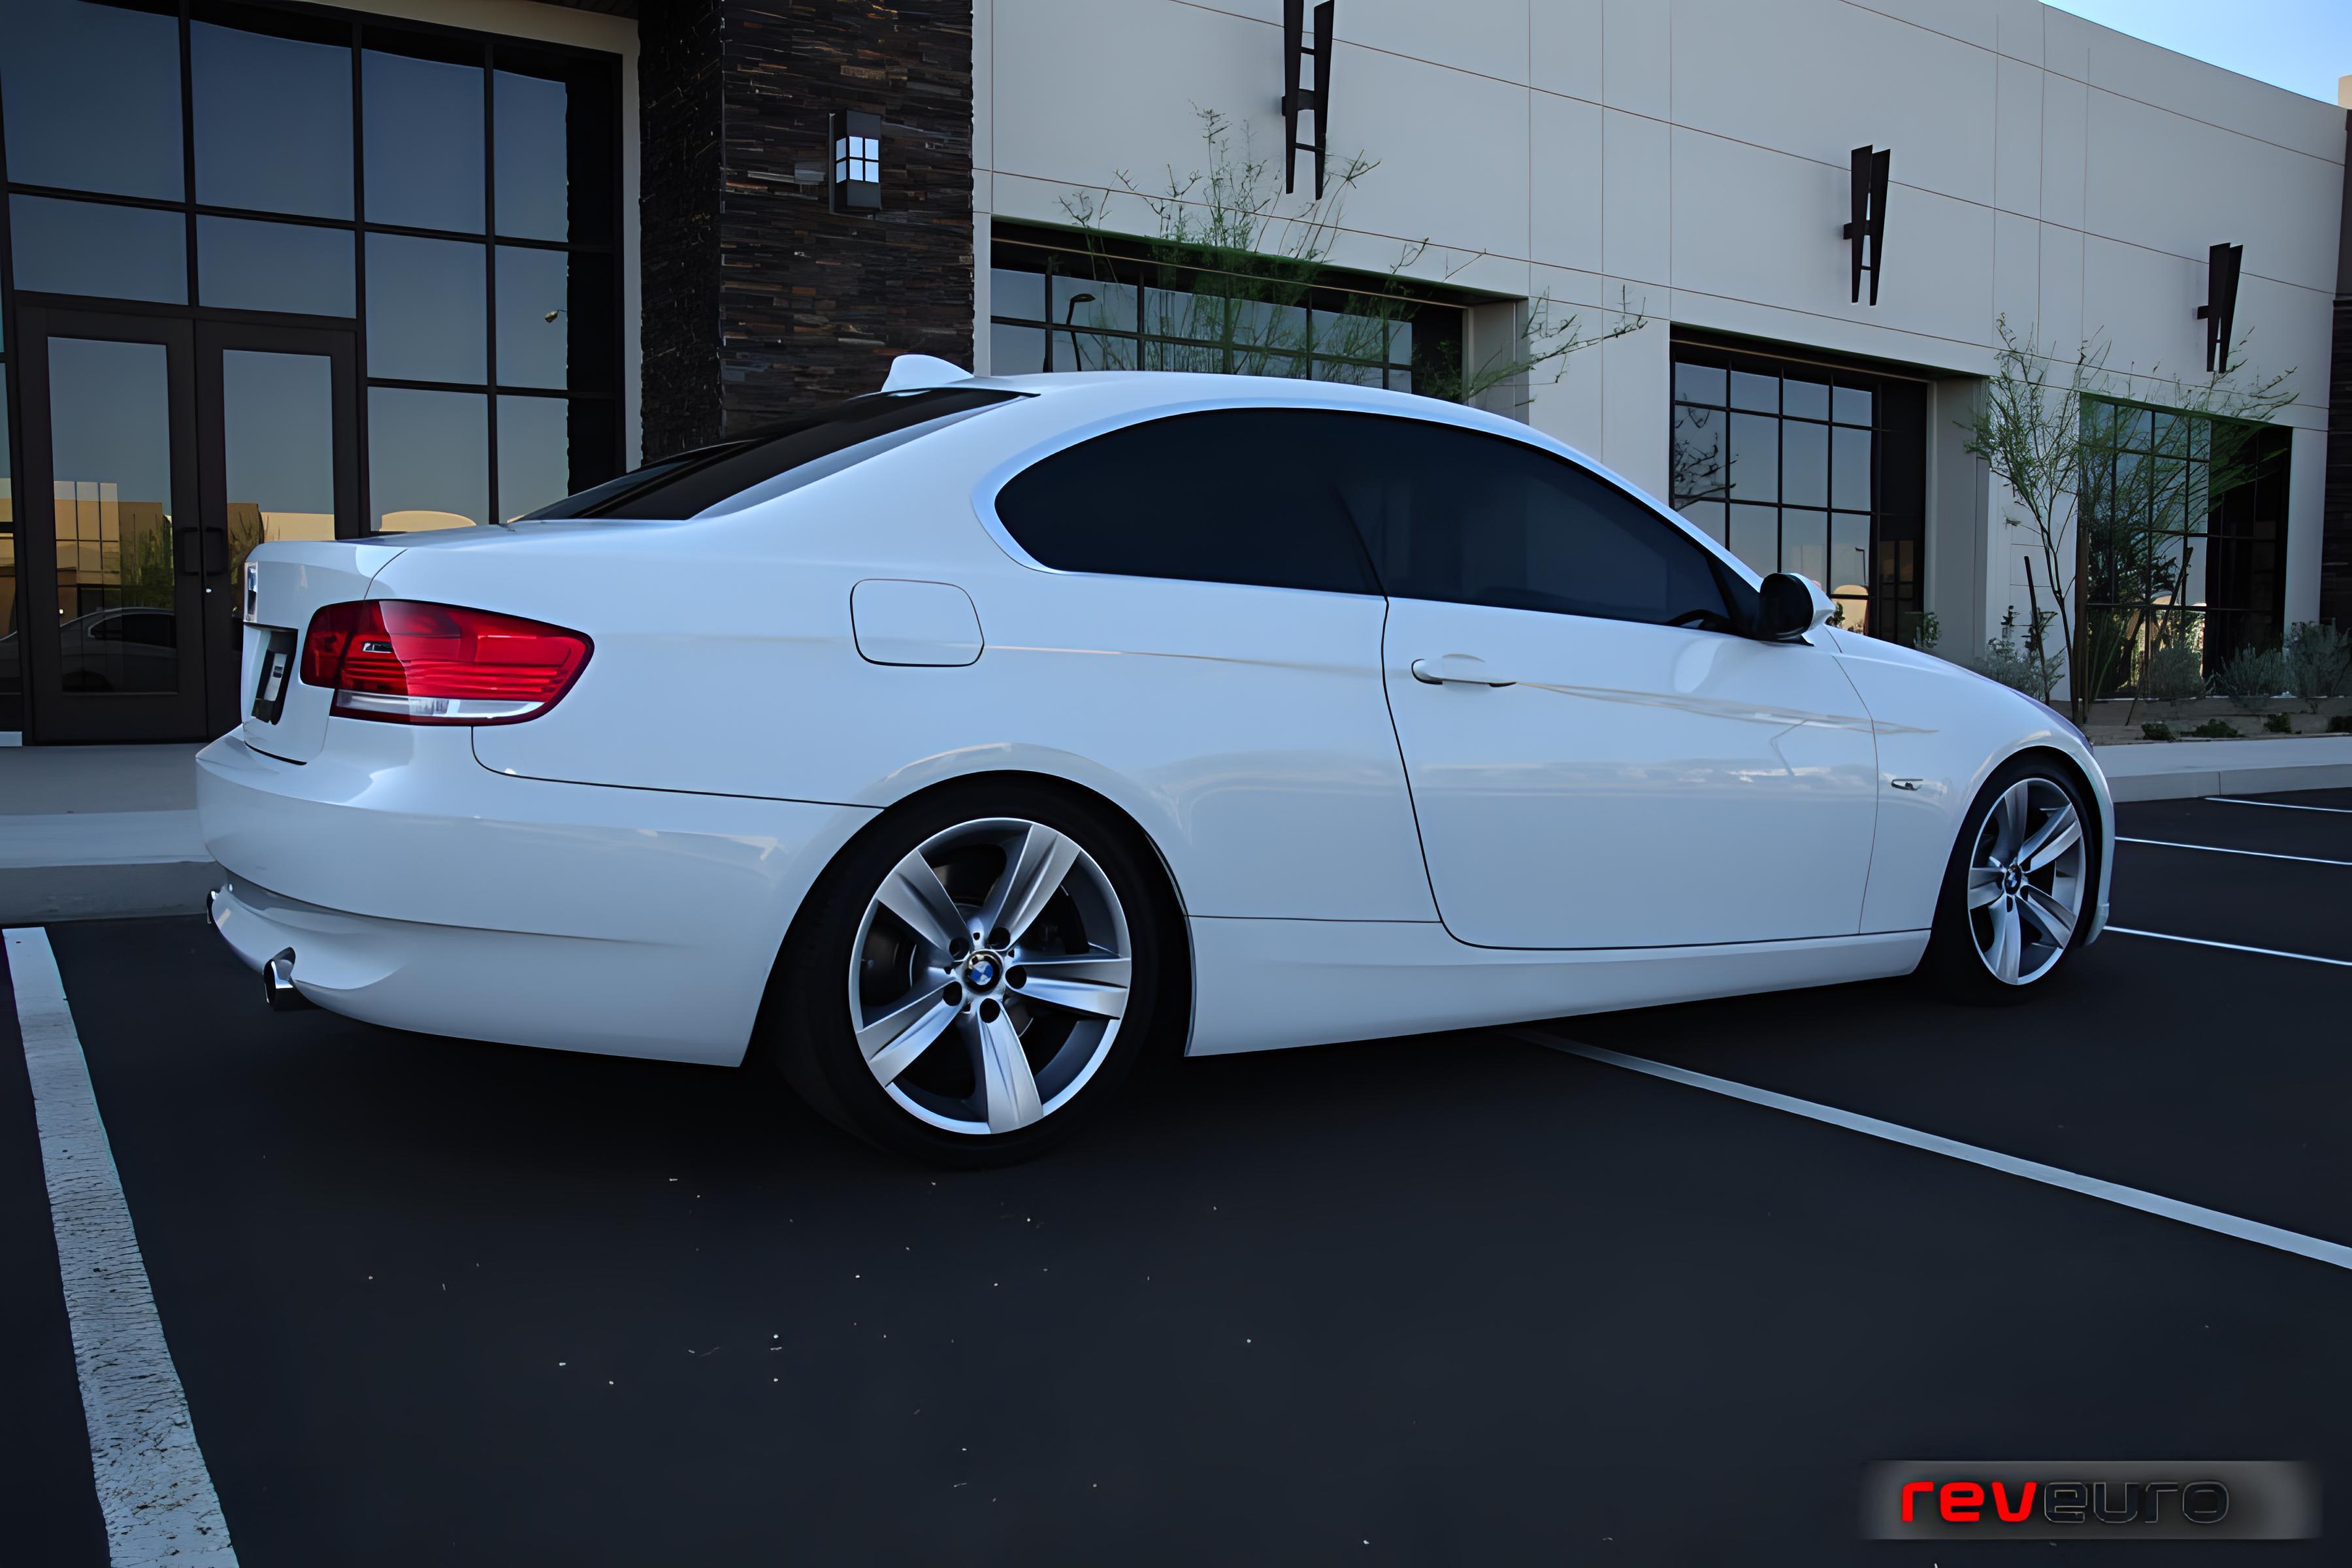 BMW I Coupé Photos On Better Parts LTD - Bmw 335i coupe